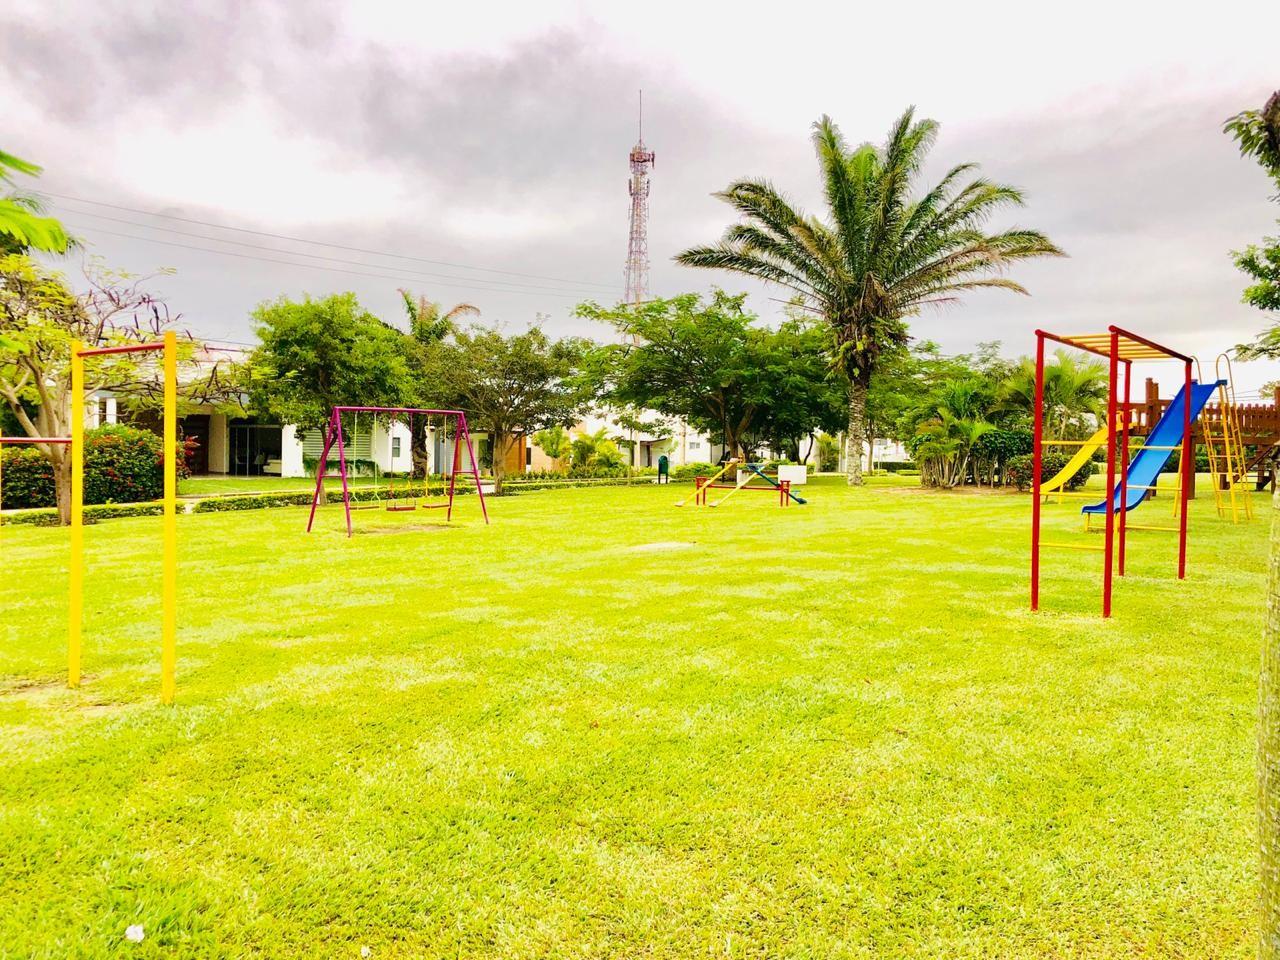 Casa en Alquiler Zona Urubo - Condominio Jardines del Urubo - lado de Restaurante Casa del Camba - a 1 minuto del Puente principal. Foto 12